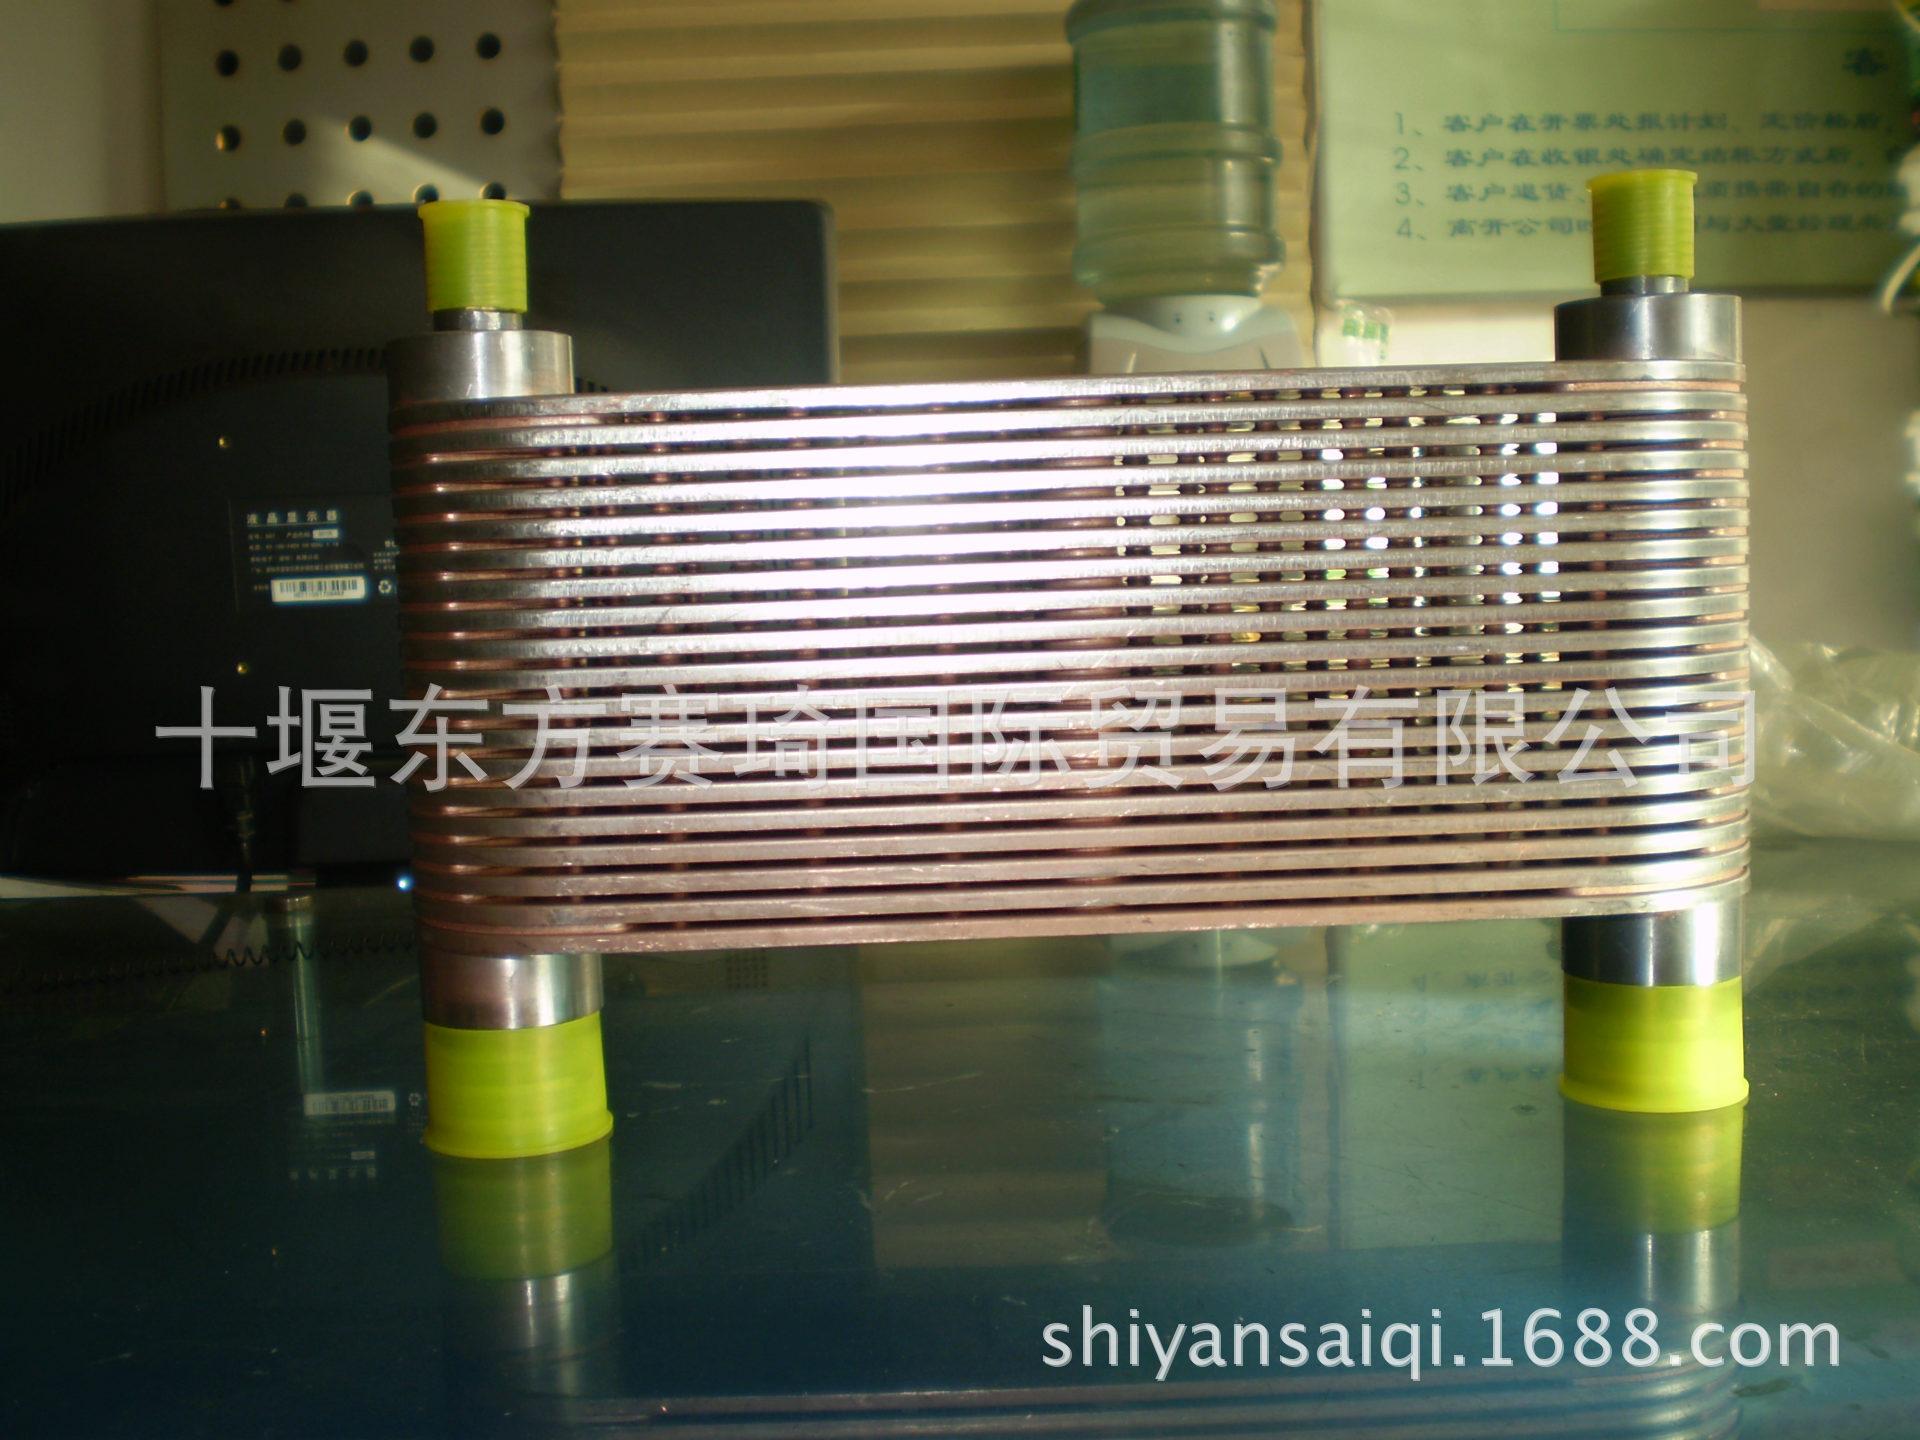 重庆康明斯发动机K19机油冷却器芯机油散热器